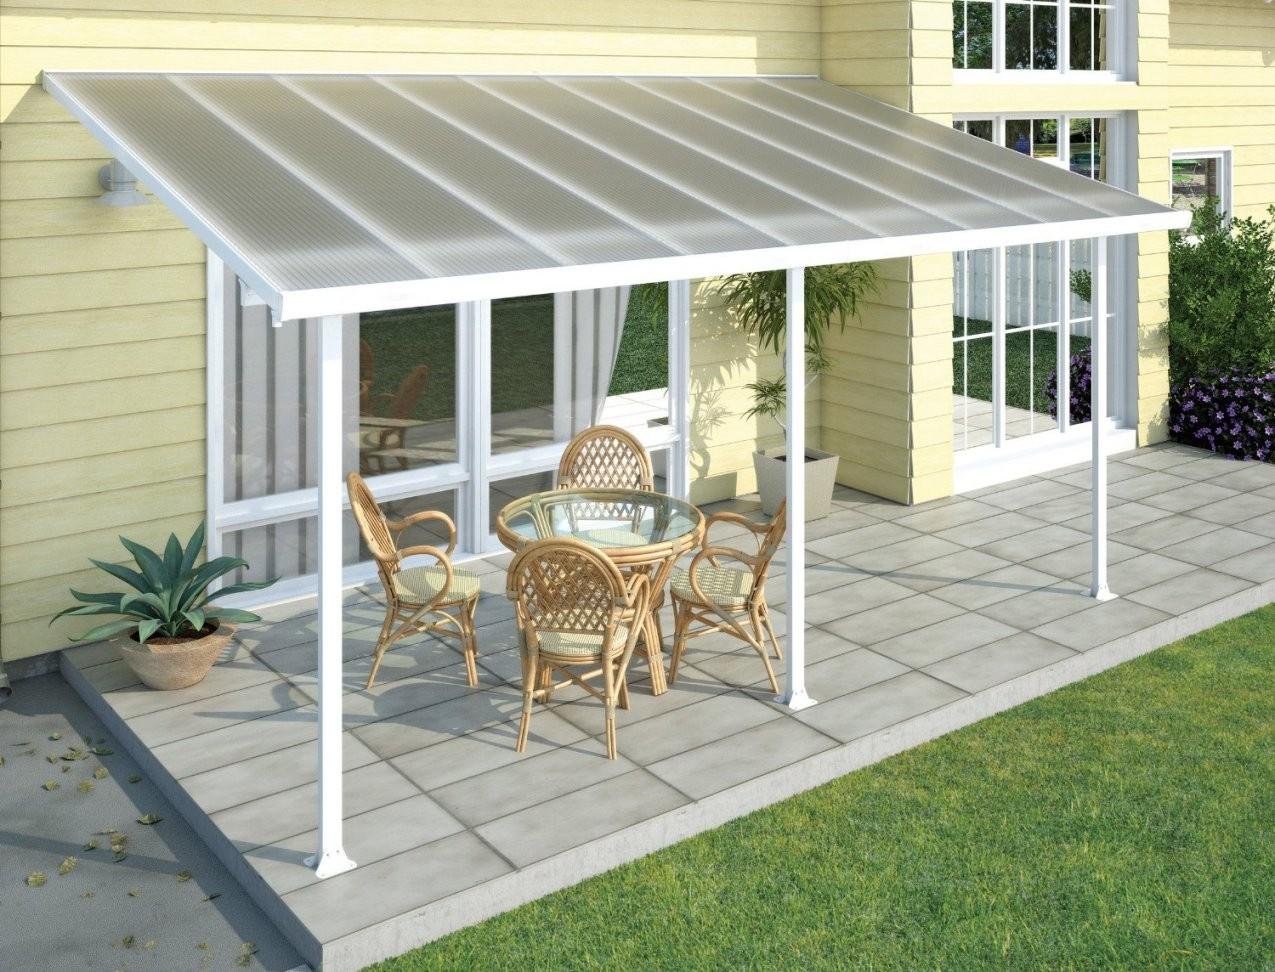 Perfekte Terrassenüberdachung – Terrassendach Im Garten von Terrassenüberdachung Aluminium Selber Bauen Photo